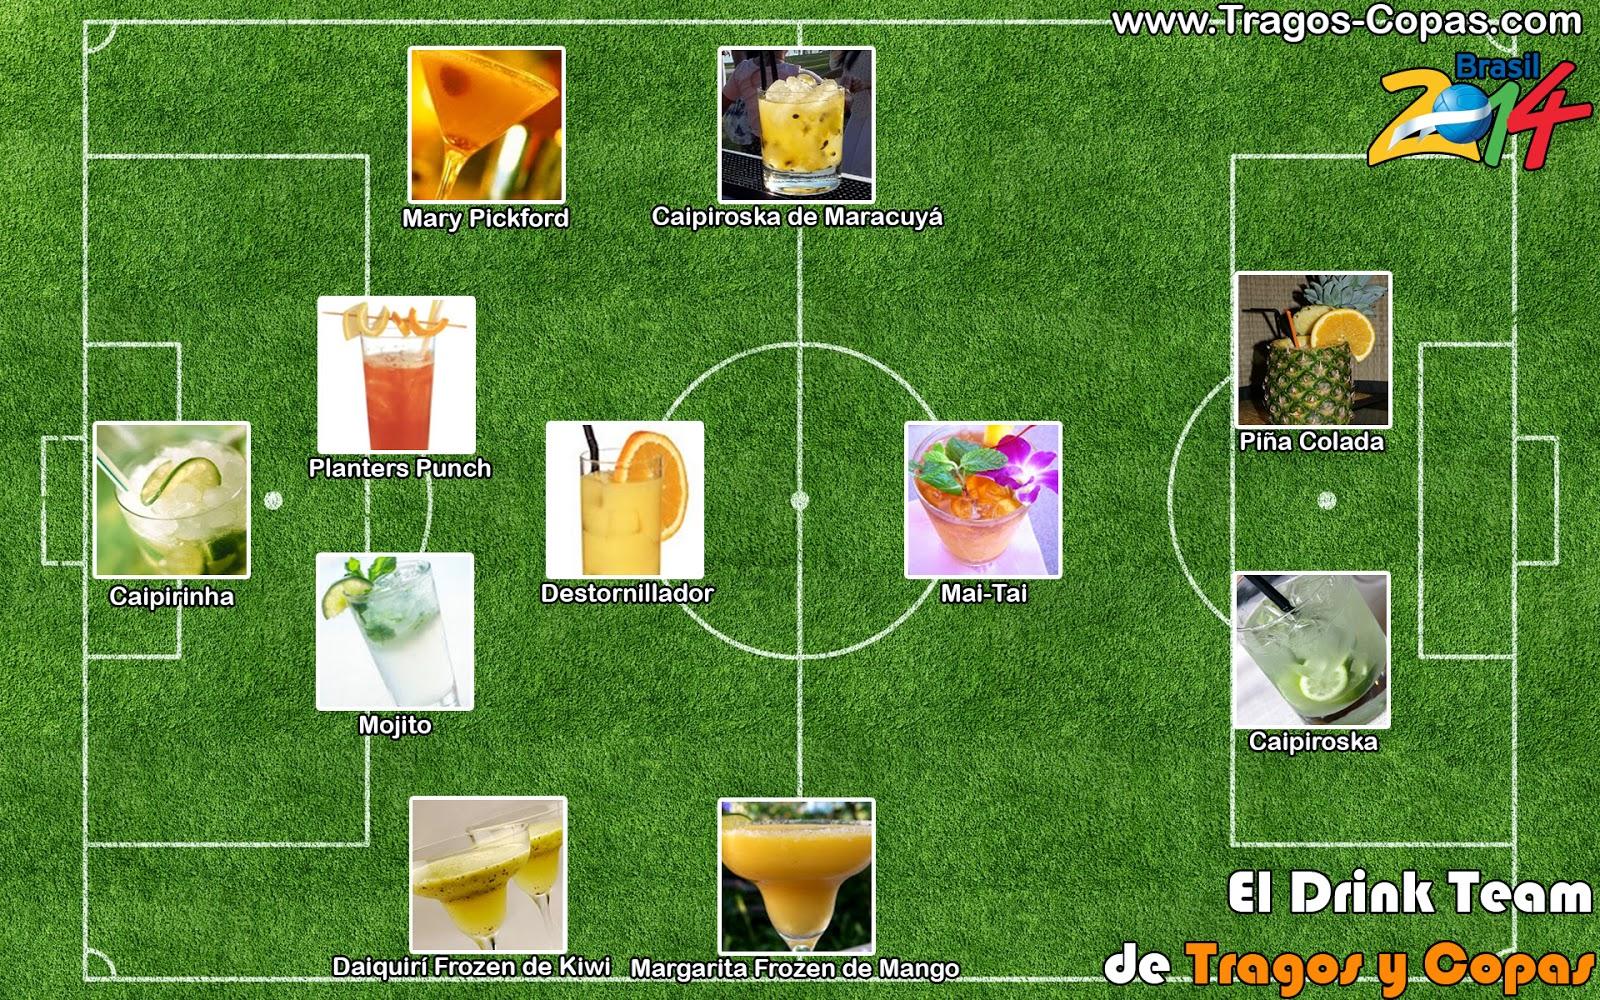 El Drink Team de Tragos y Copas : 11 Tragos para el Mundial Brasil 2014